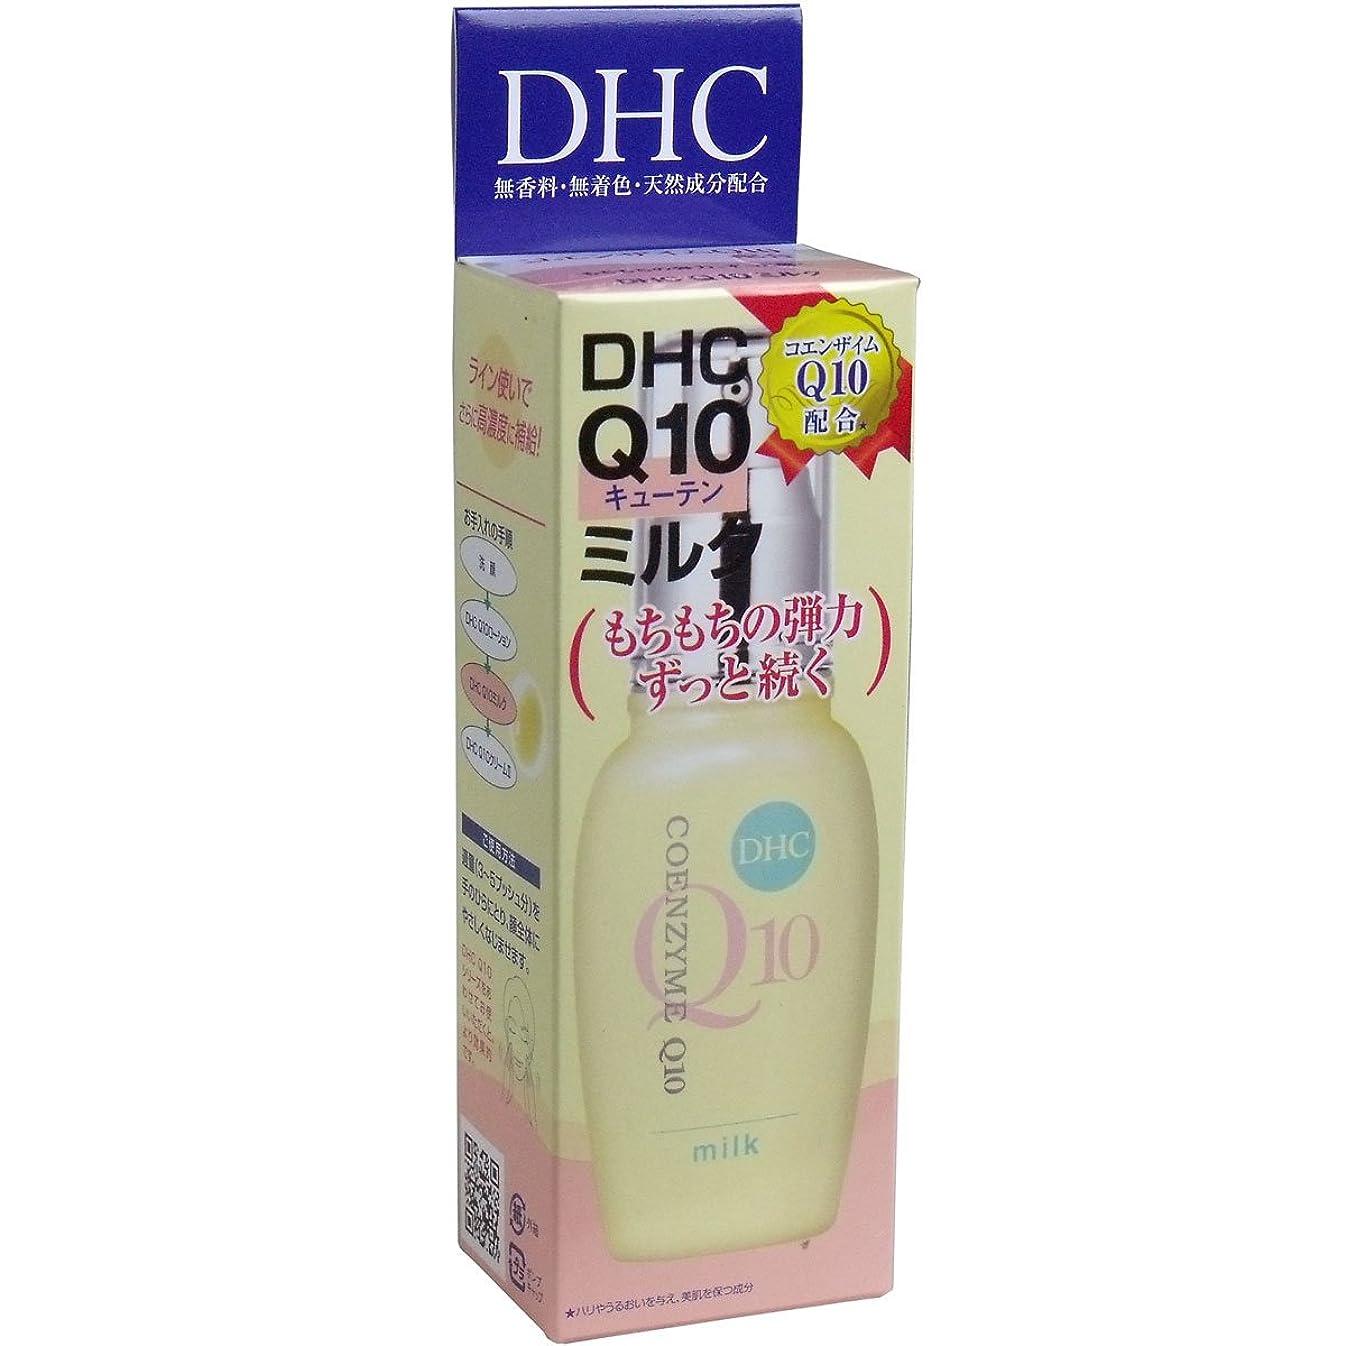 問い合わせる航空機願望DHC Q10ミルク (SS) 40ml × 30個セット